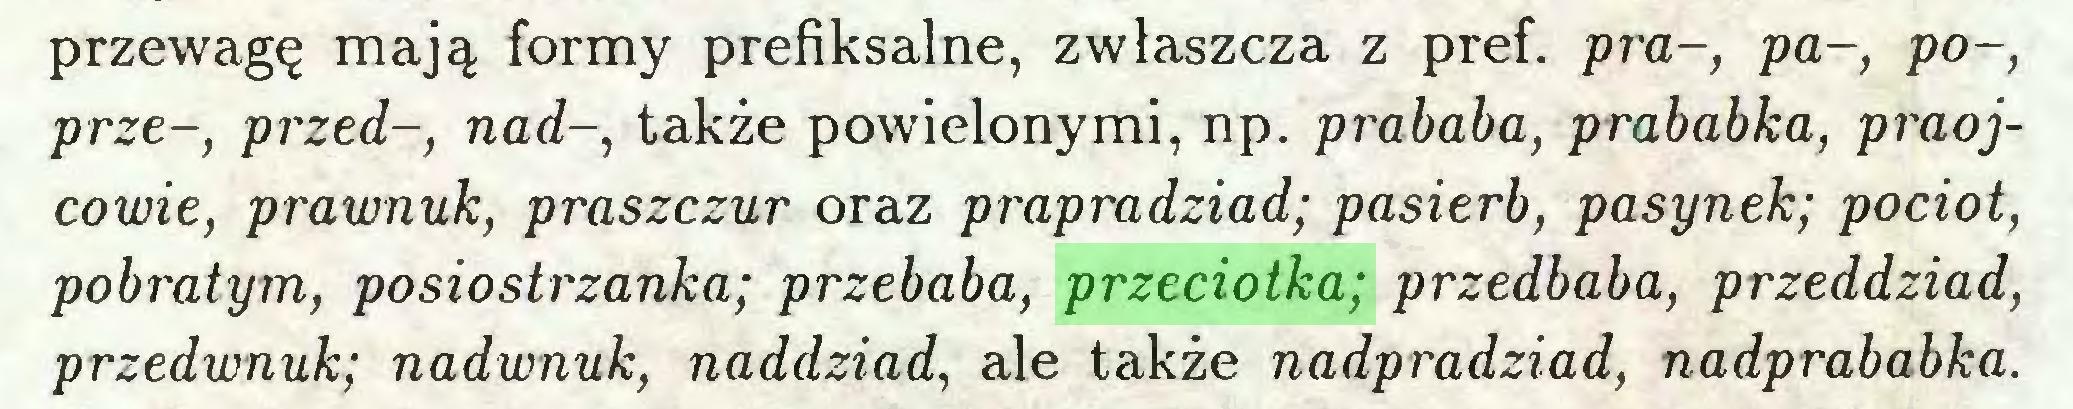 (...) przewagę mają formy prefiksalne, zwłaszcza z pref. pra-, pa-, po-, prze-, przed-, nad-, także powielonymi, np. prababa, prababka, praojcowie, prawnuk, praszczur oraz prapradziad; pasierb, pasynek; pociot, pobratym, posiostrzanka; przebaba, przeciotka; przedbaba, przeddziad, przedwnuk; nadwnuk, naddziad, ale także nadpradziad, nadprababka...